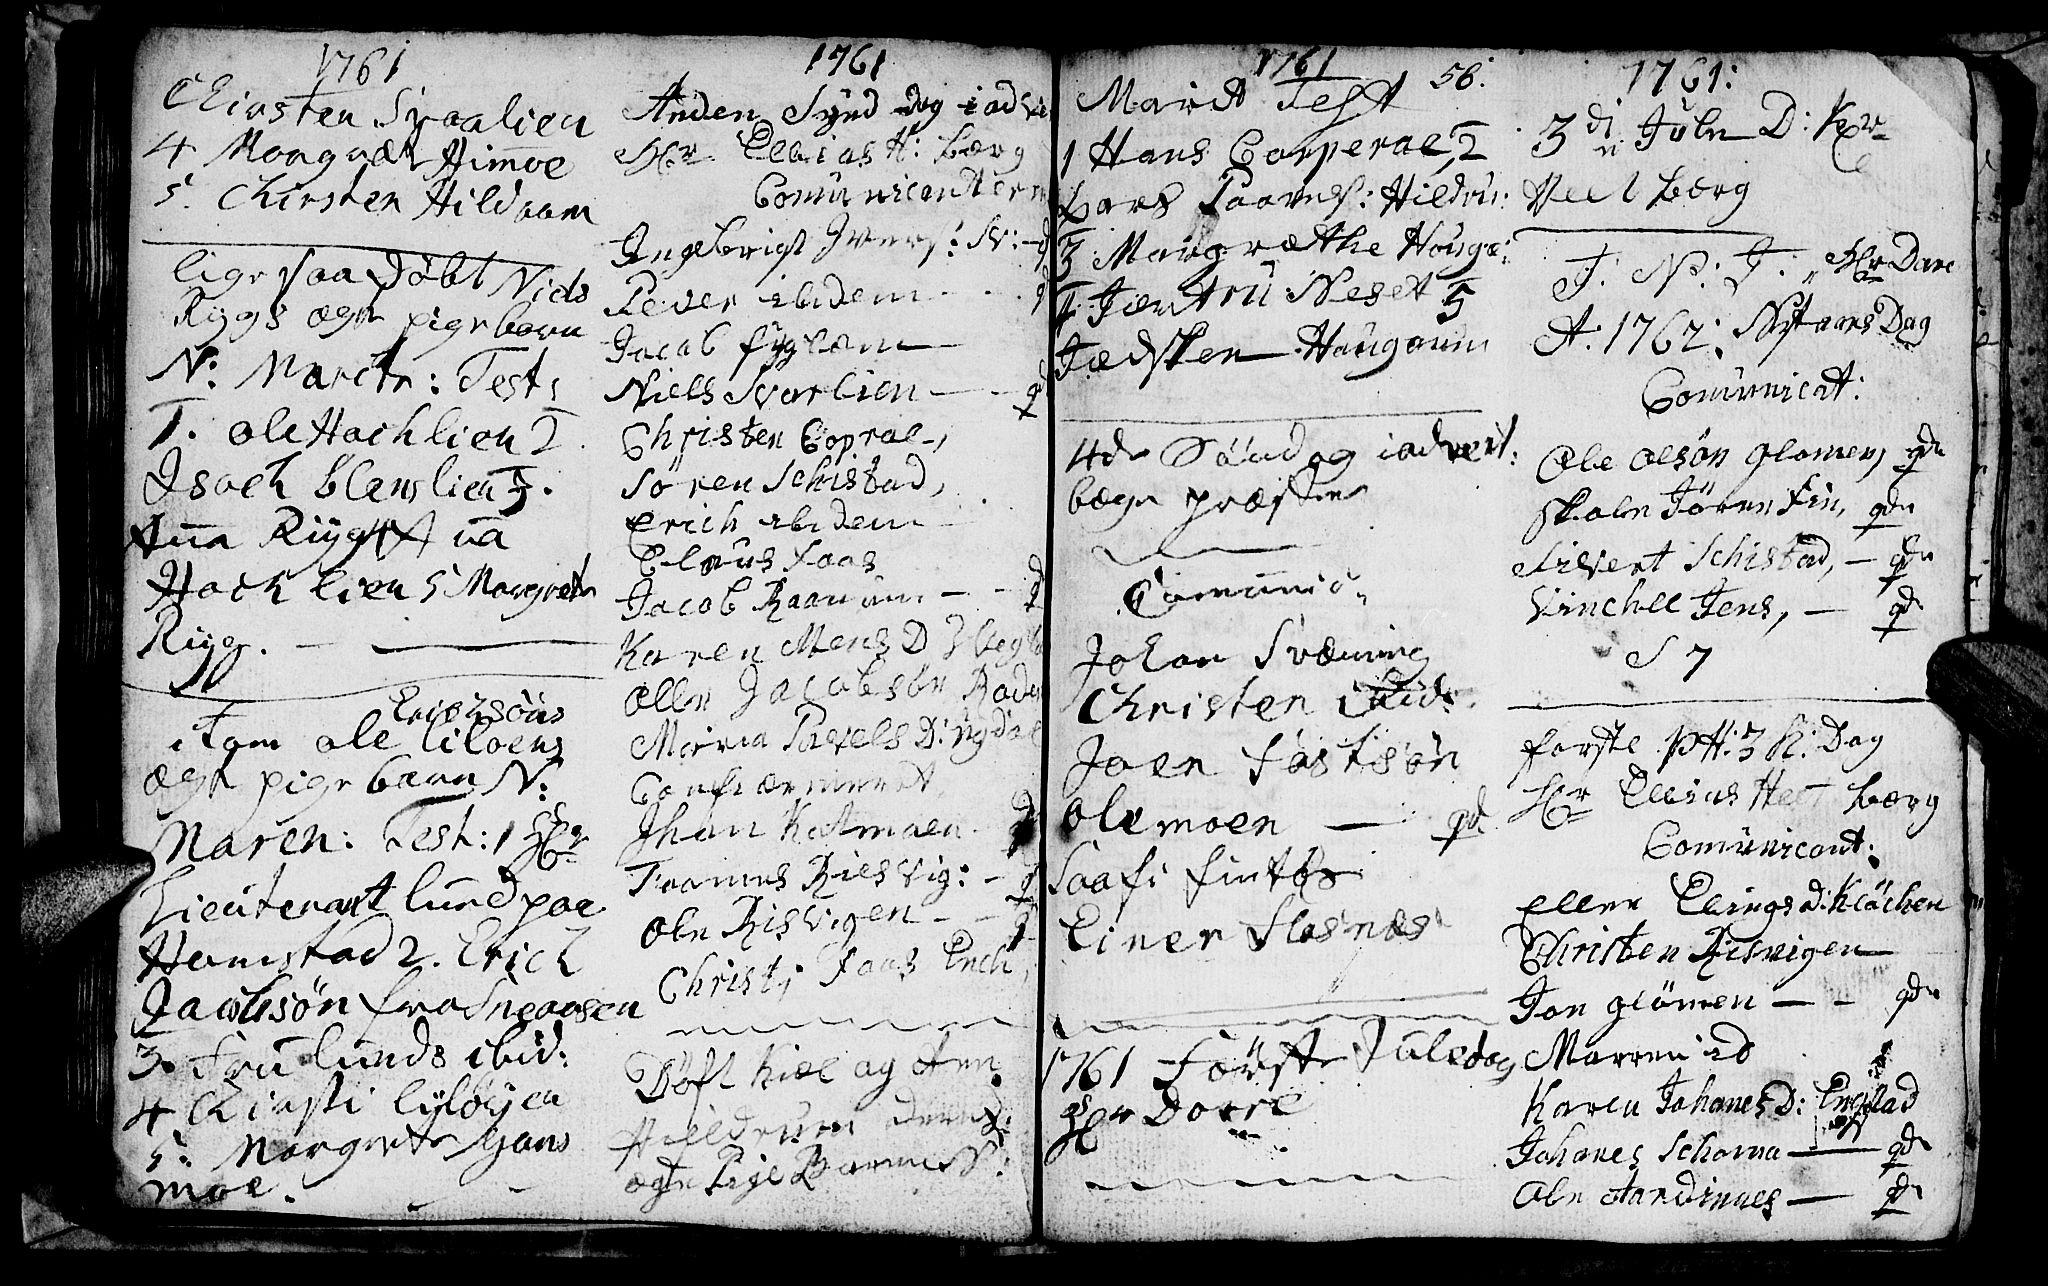 SAT, Ministerialprotokoller, klokkerbøker og fødselsregistre - Nord-Trøndelag, 764/L0543: Ministerialbok nr. 764A03, 1758-1765, s. 56